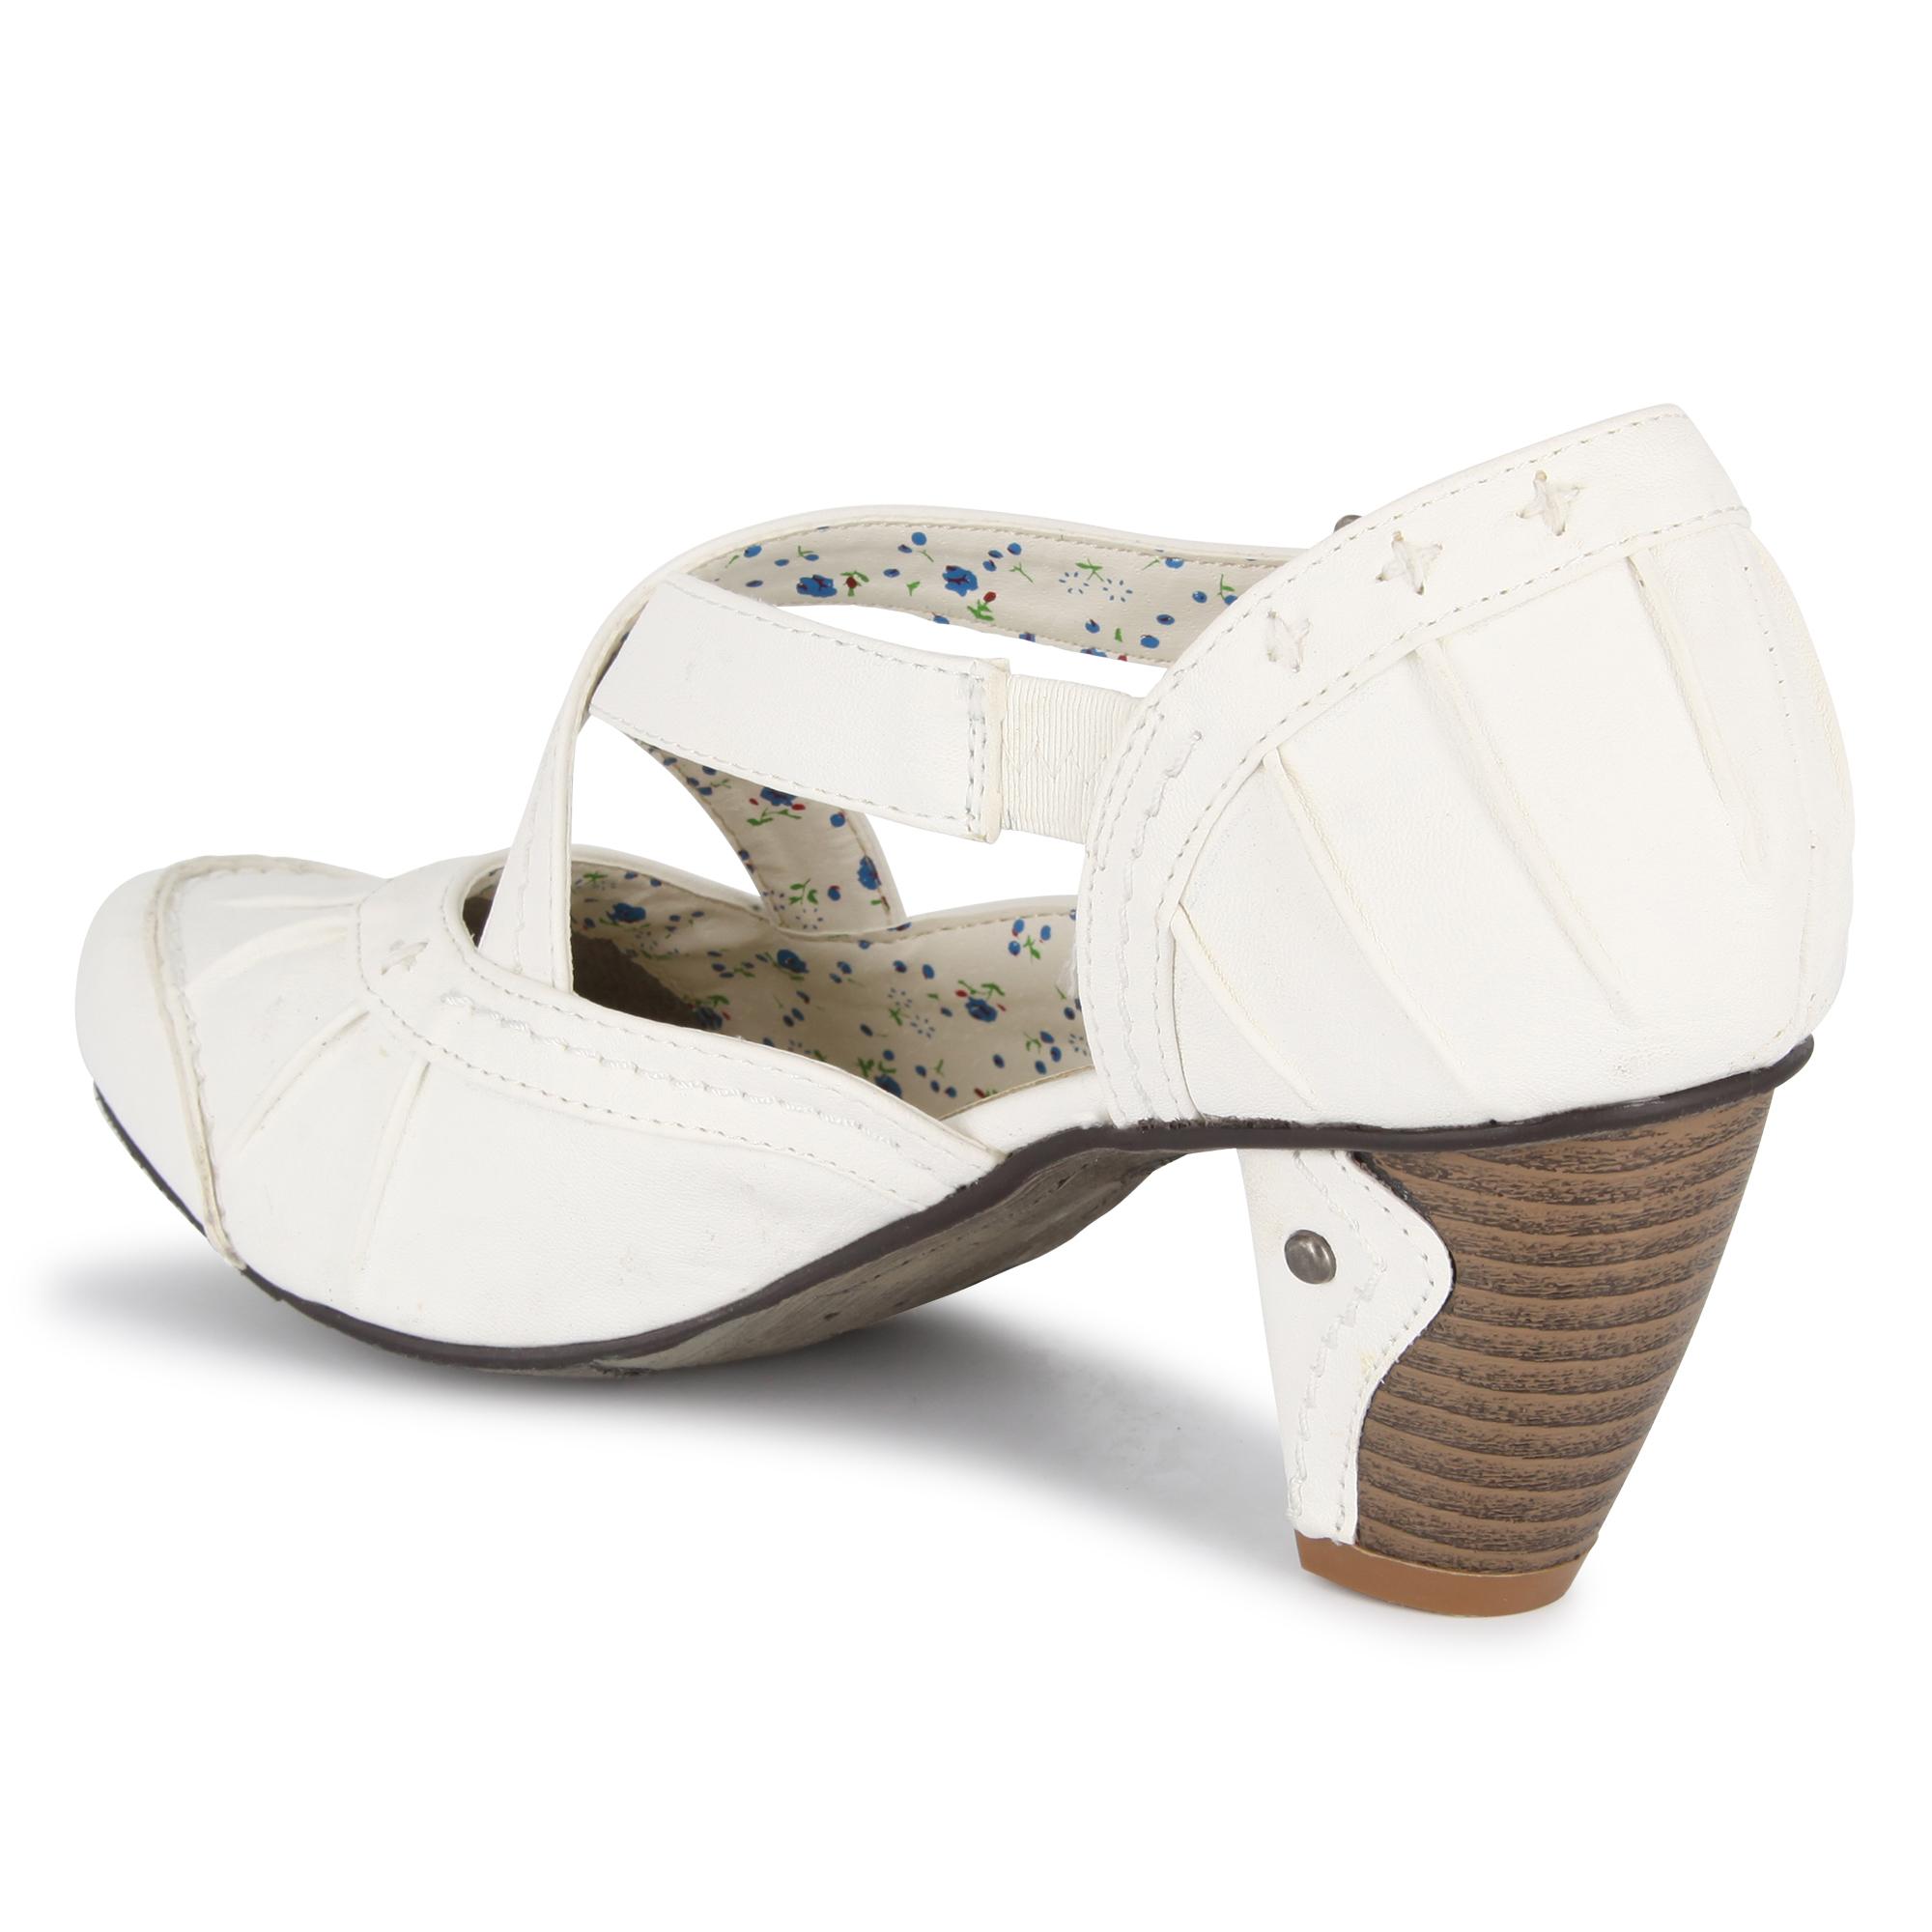 damen pumps riemchenpumps halbschuhe sandaletten damenschuhe weiss 127 ebay. Black Bedroom Furniture Sets. Home Design Ideas